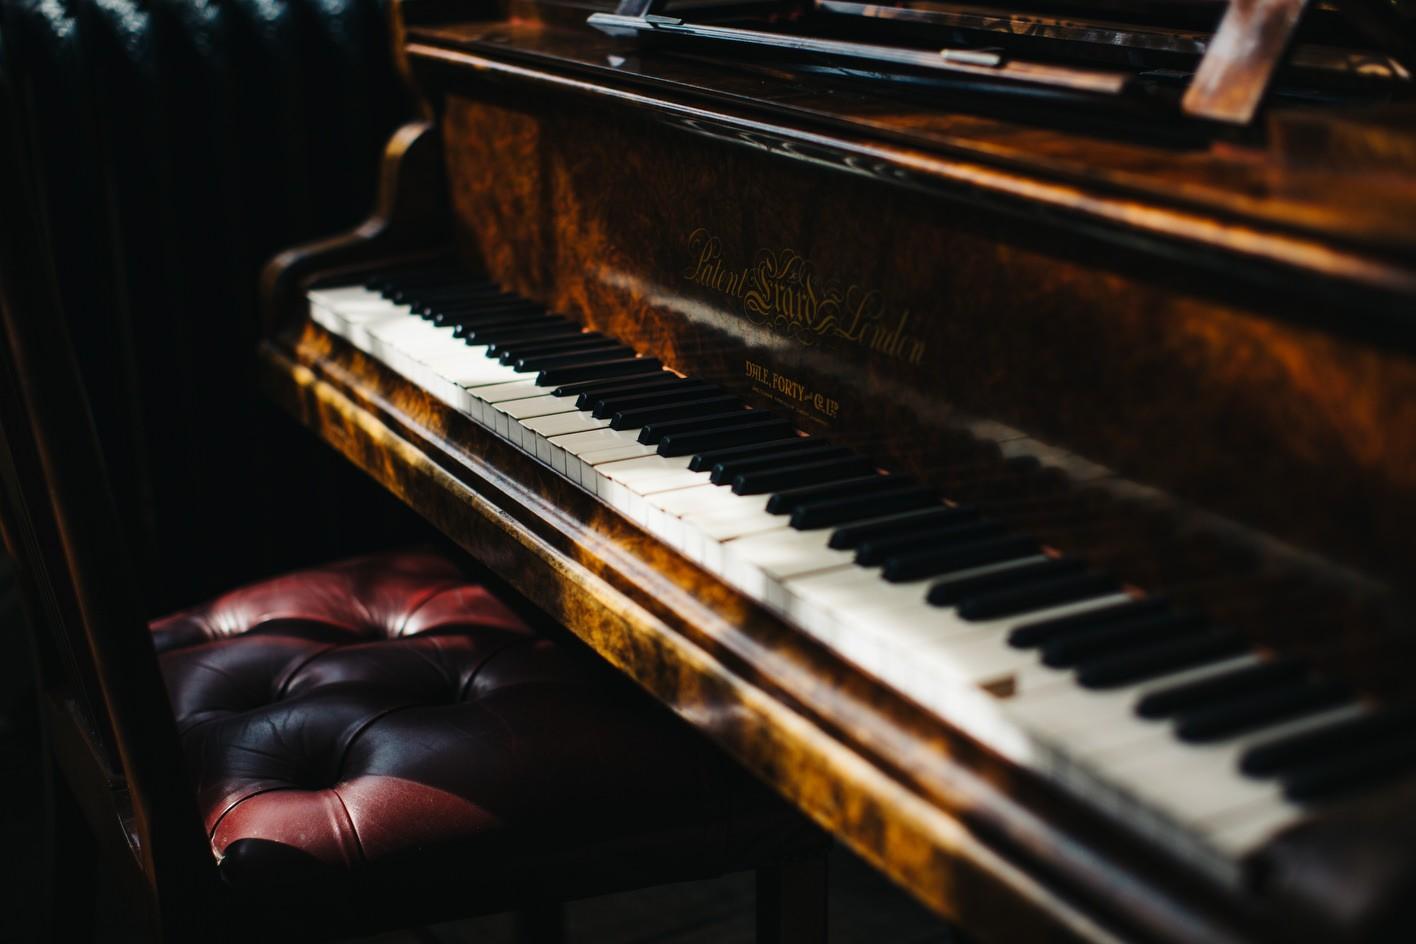 Vintage piano at wedding venue